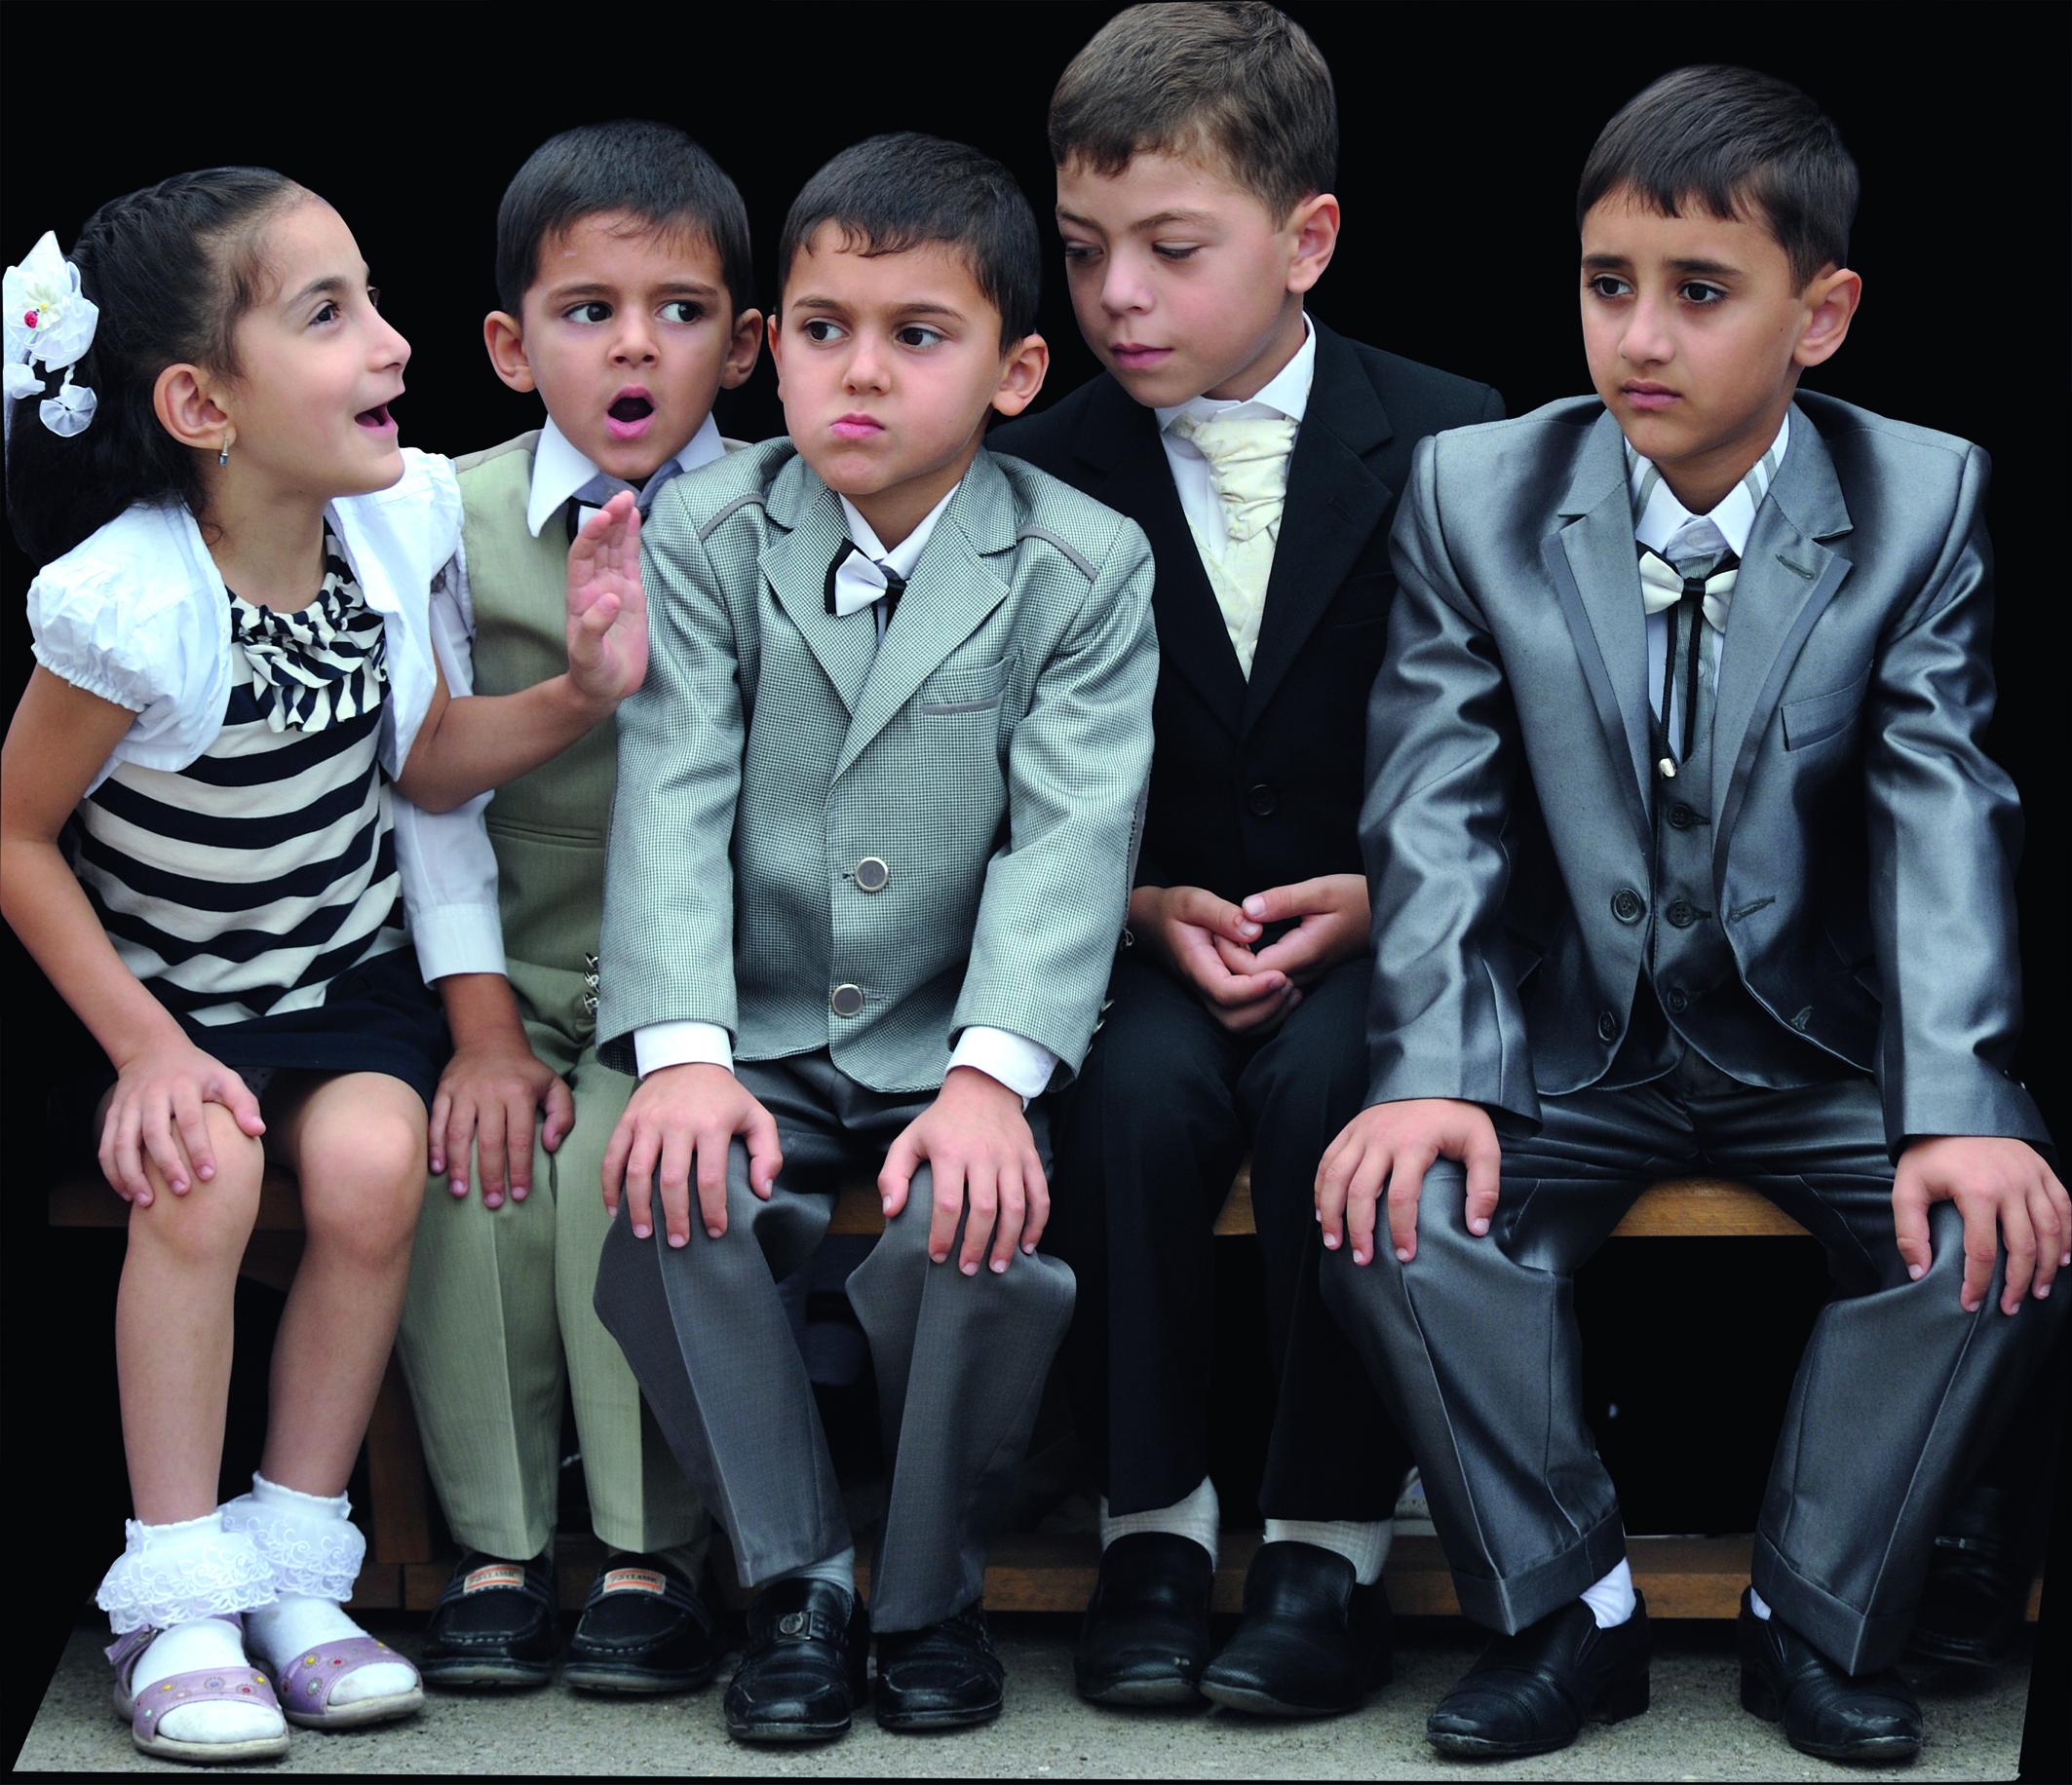 Primo giorno di scuola: i bambini vestiti a festa © graziella vigo world copyright